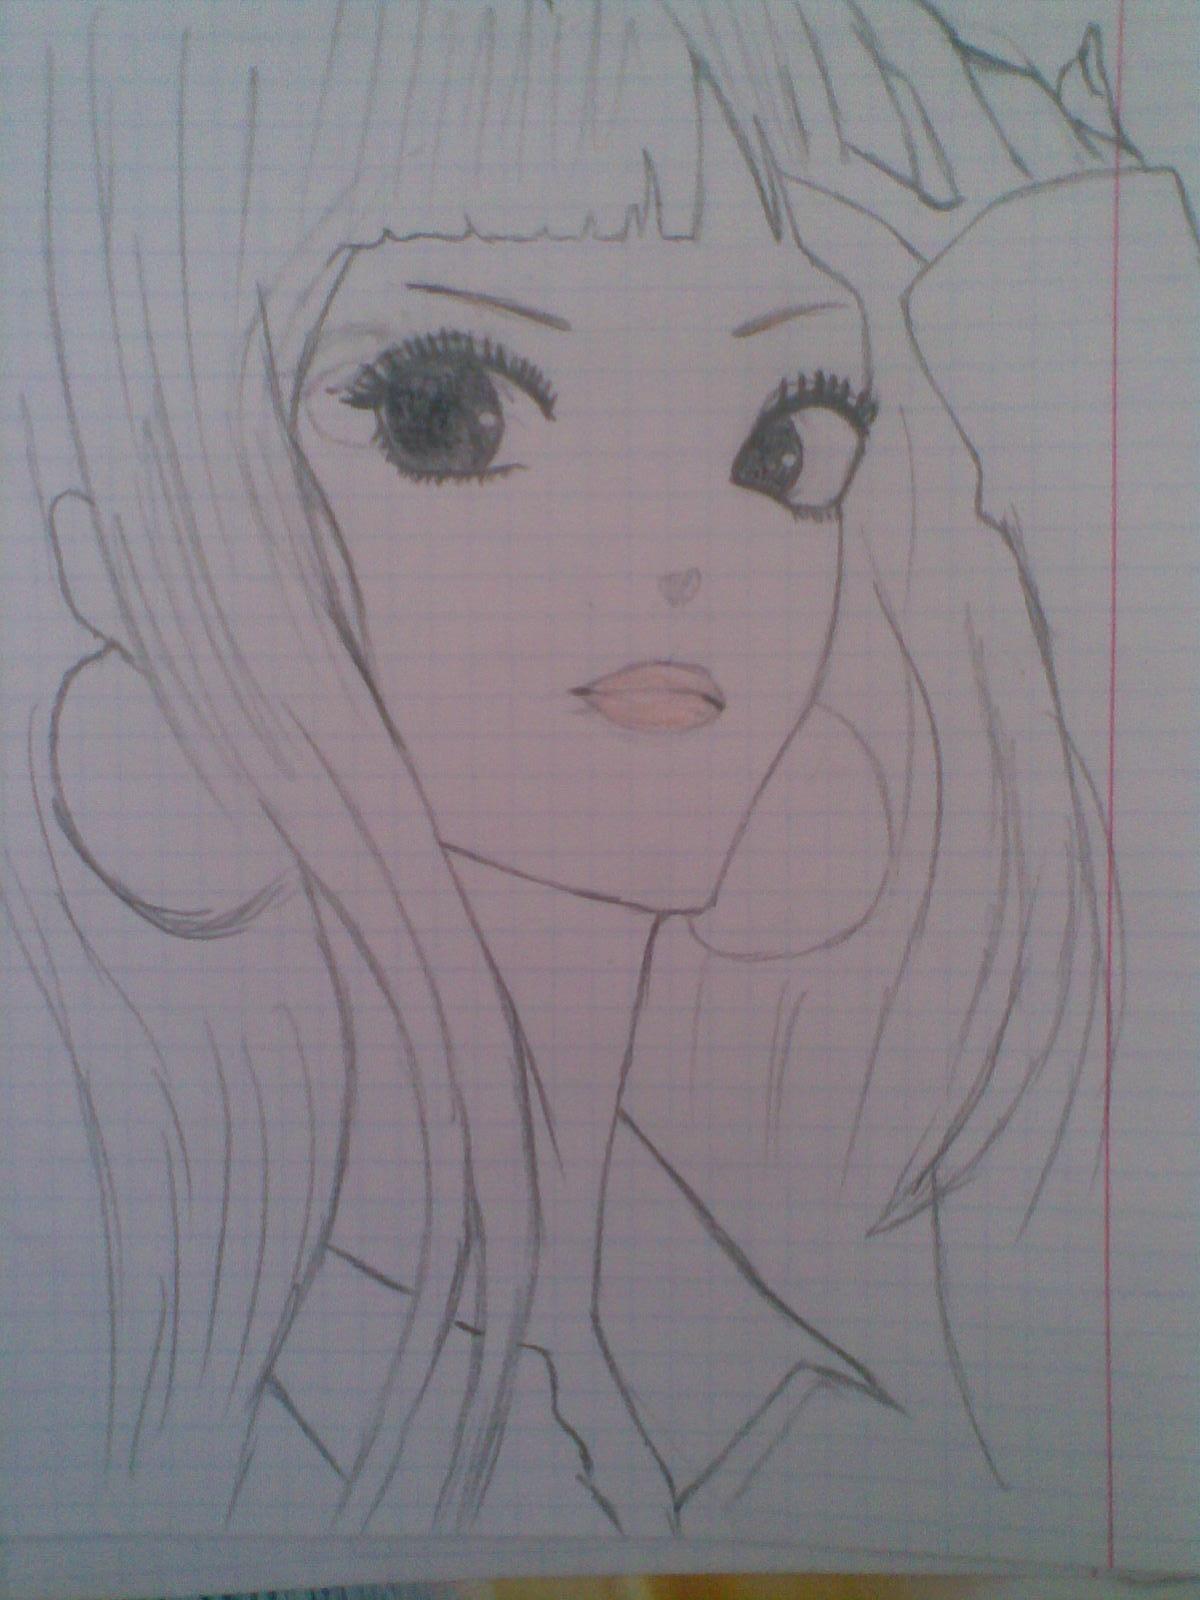 Мой арт) E05a40385aec